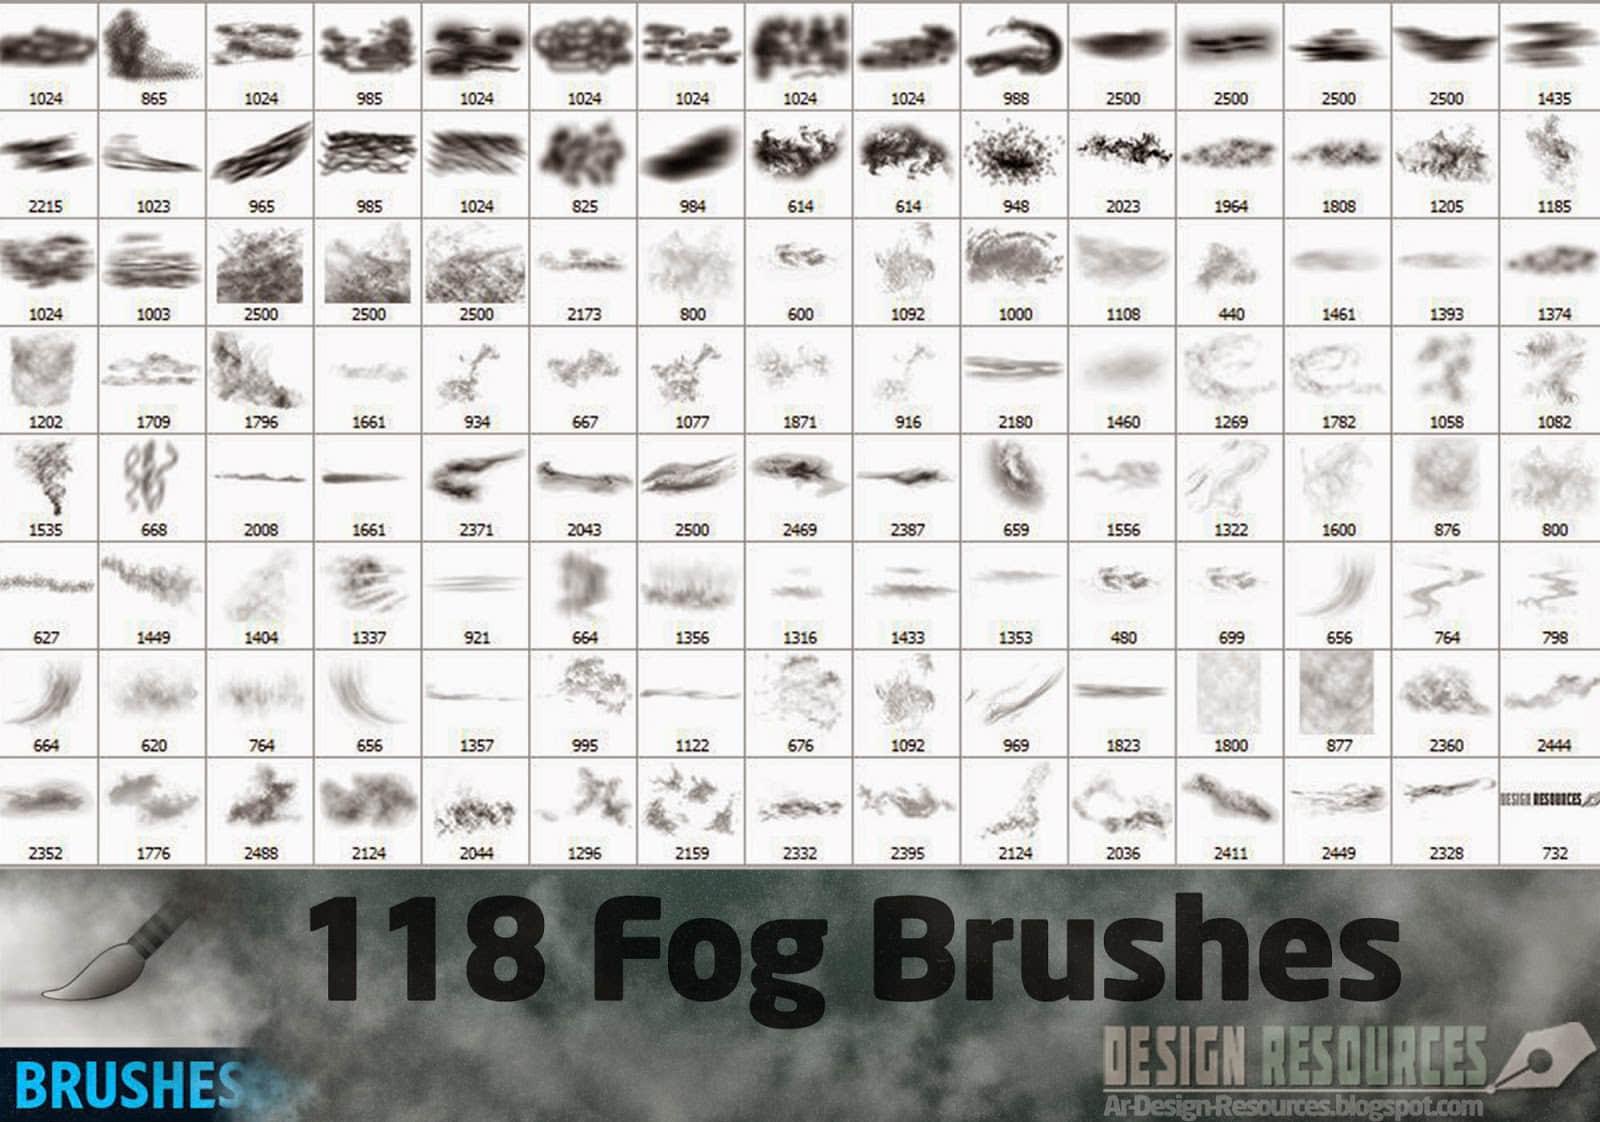 水雾、雾气、浓雾、气雾、水蒸气PS笔刷素材 雾气笔刷 环境笔刷 浓雾笔刷 水蒸气笔刷 水汽笔刷  water brushes